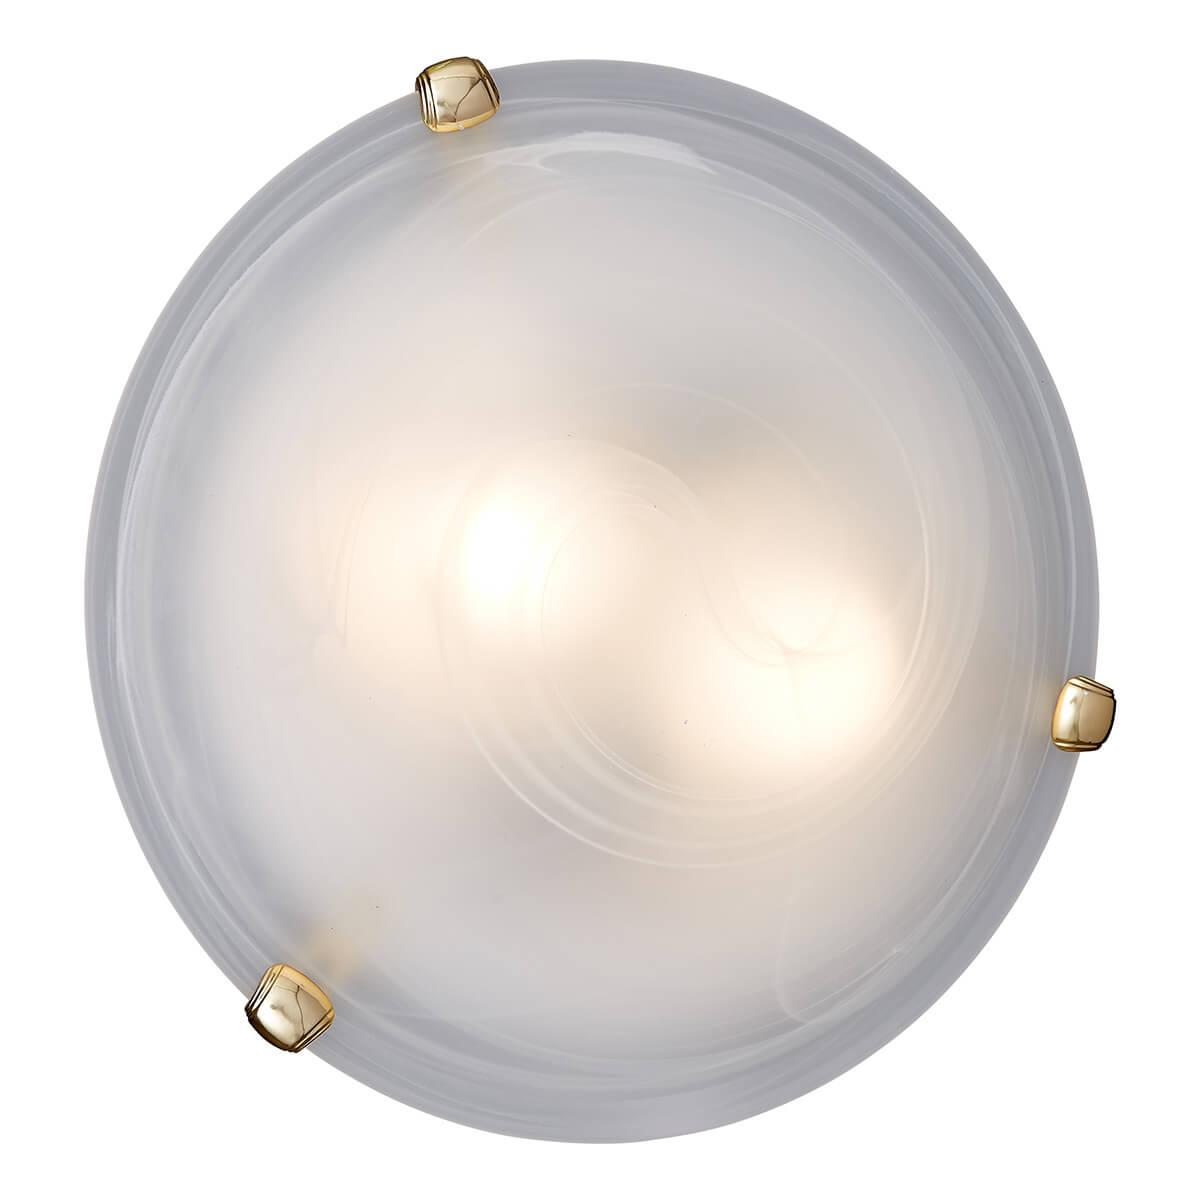 Потолочный светильник Sonex Duna 253 золото потолочный светильник sonex duna 353 хром